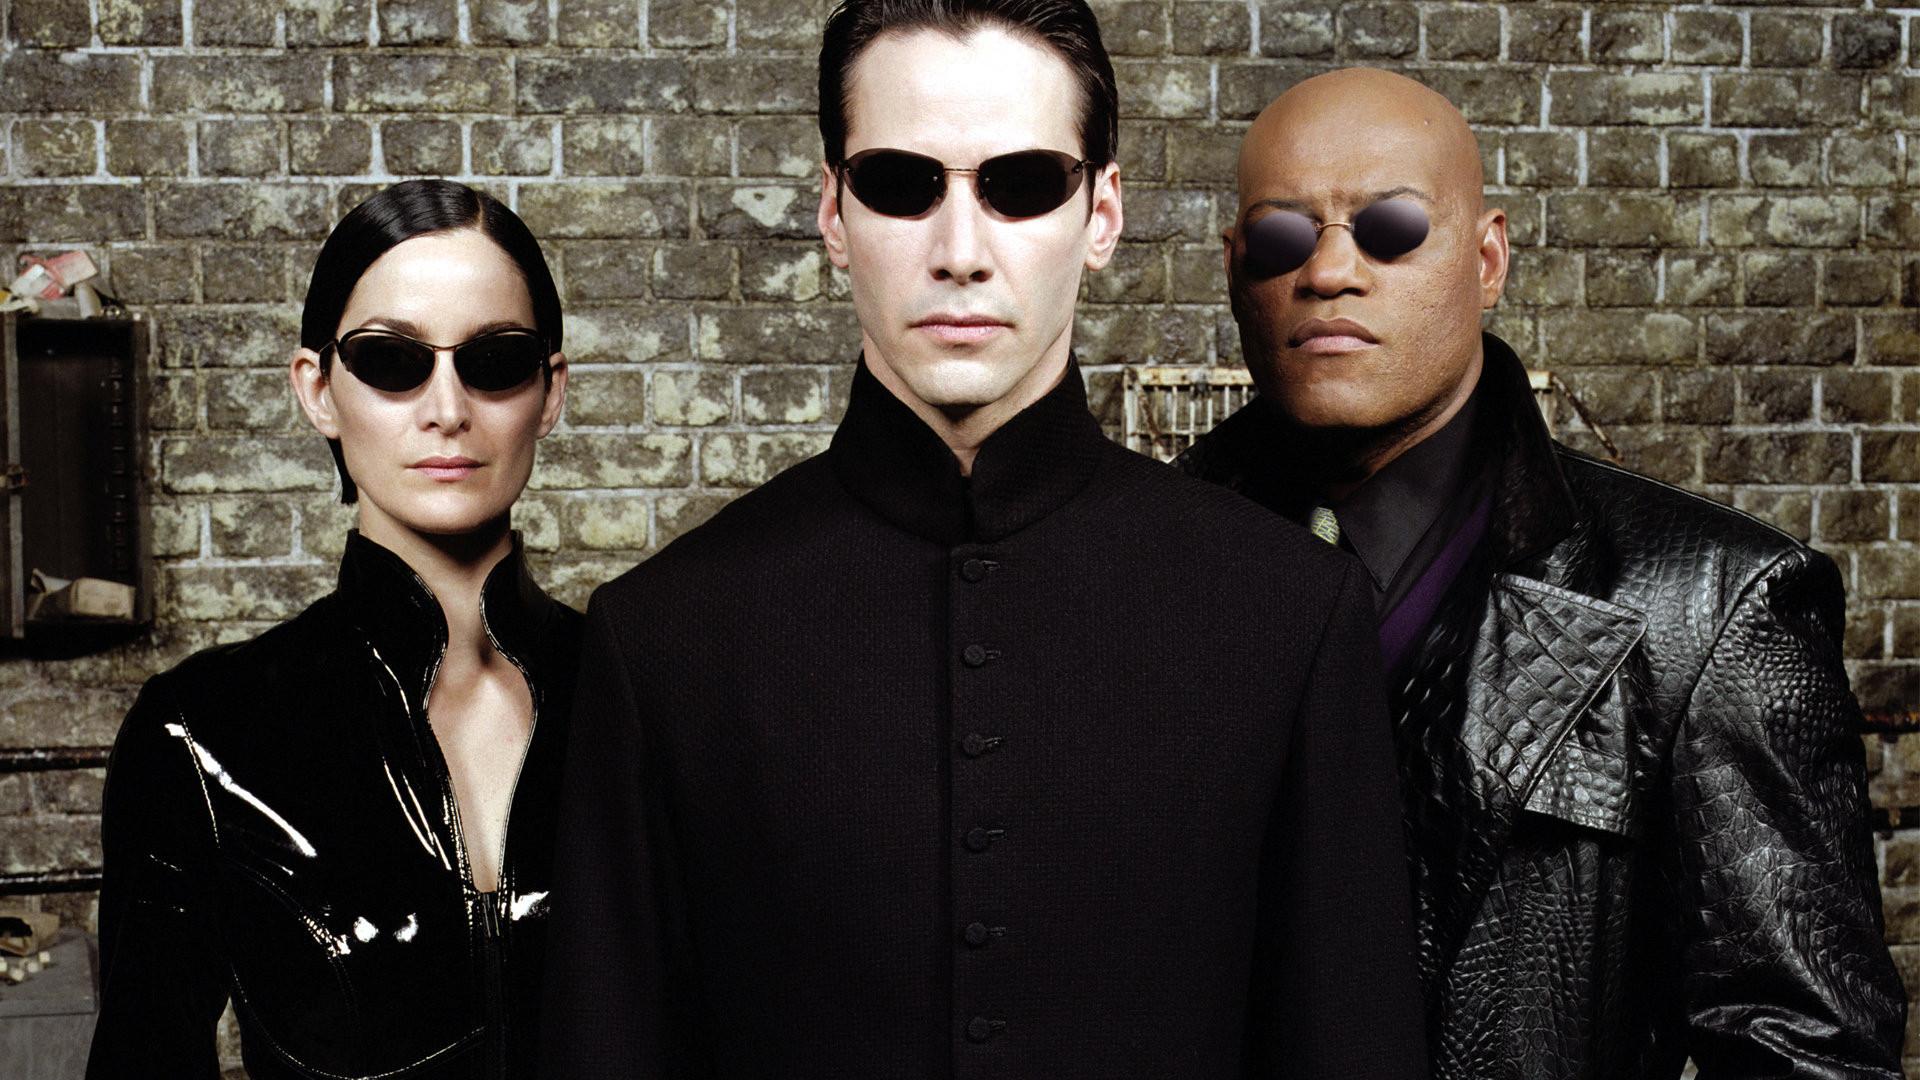 Un remake de The Matrix serait non seulement une mauvaise idée, ça serait totalement inutile!